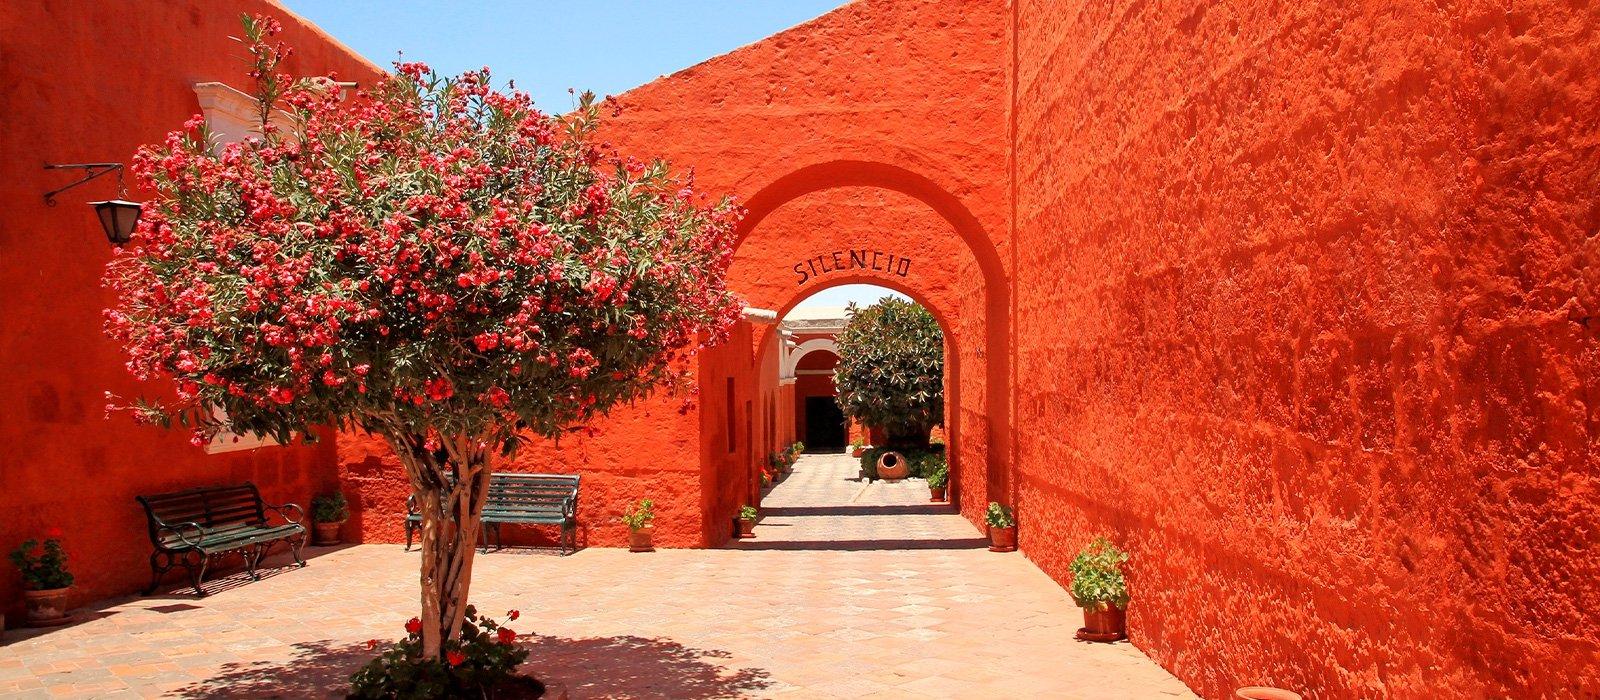 Arequipa City Tour & Santa Catalina Convent & Juanita Museum